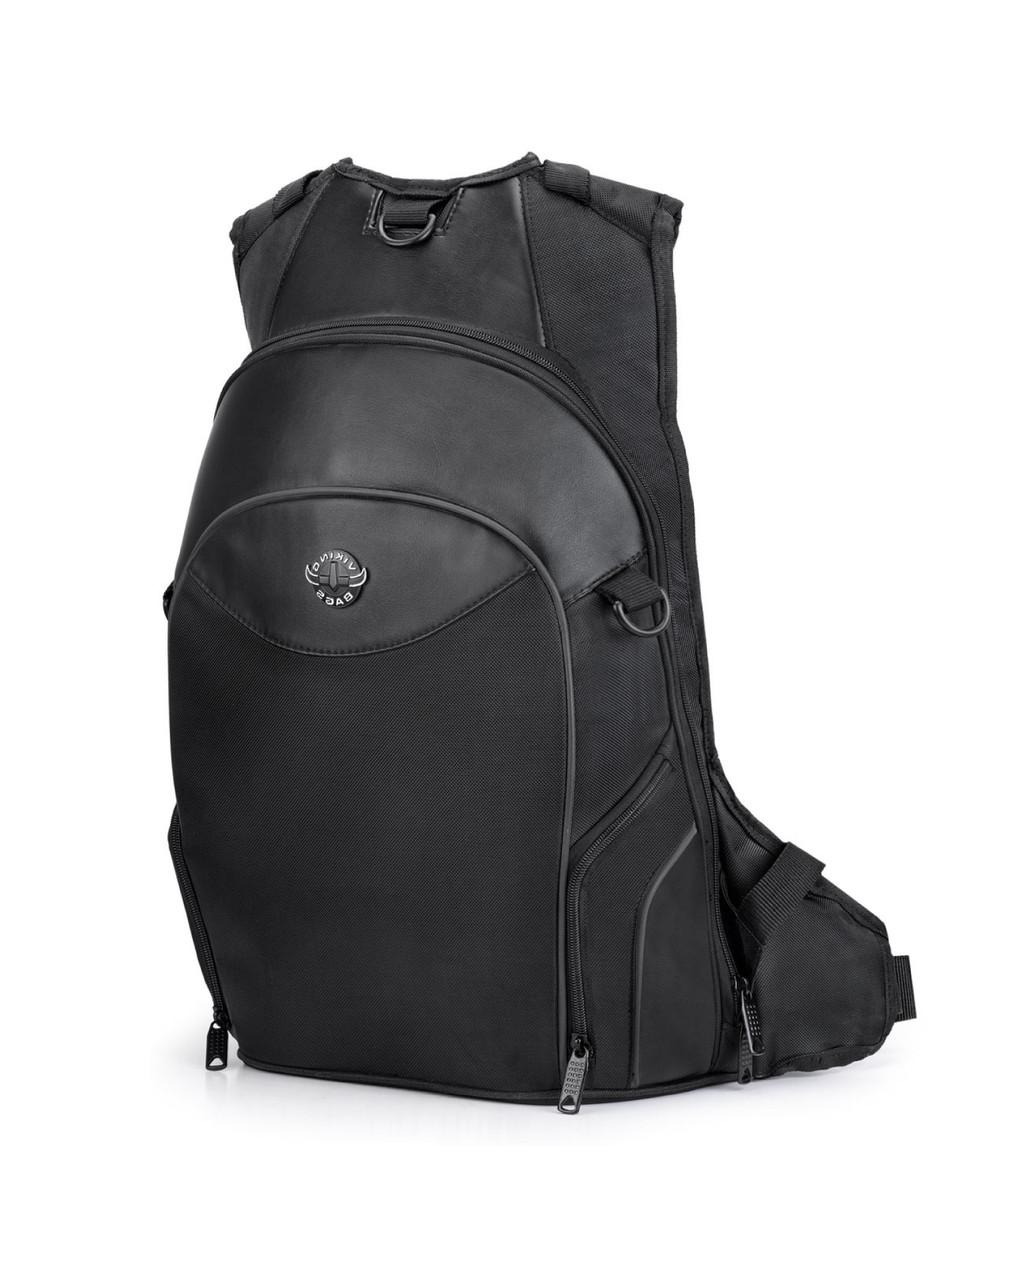 Yamaha Viking Motorcycle Medium Backpack Main Bag View